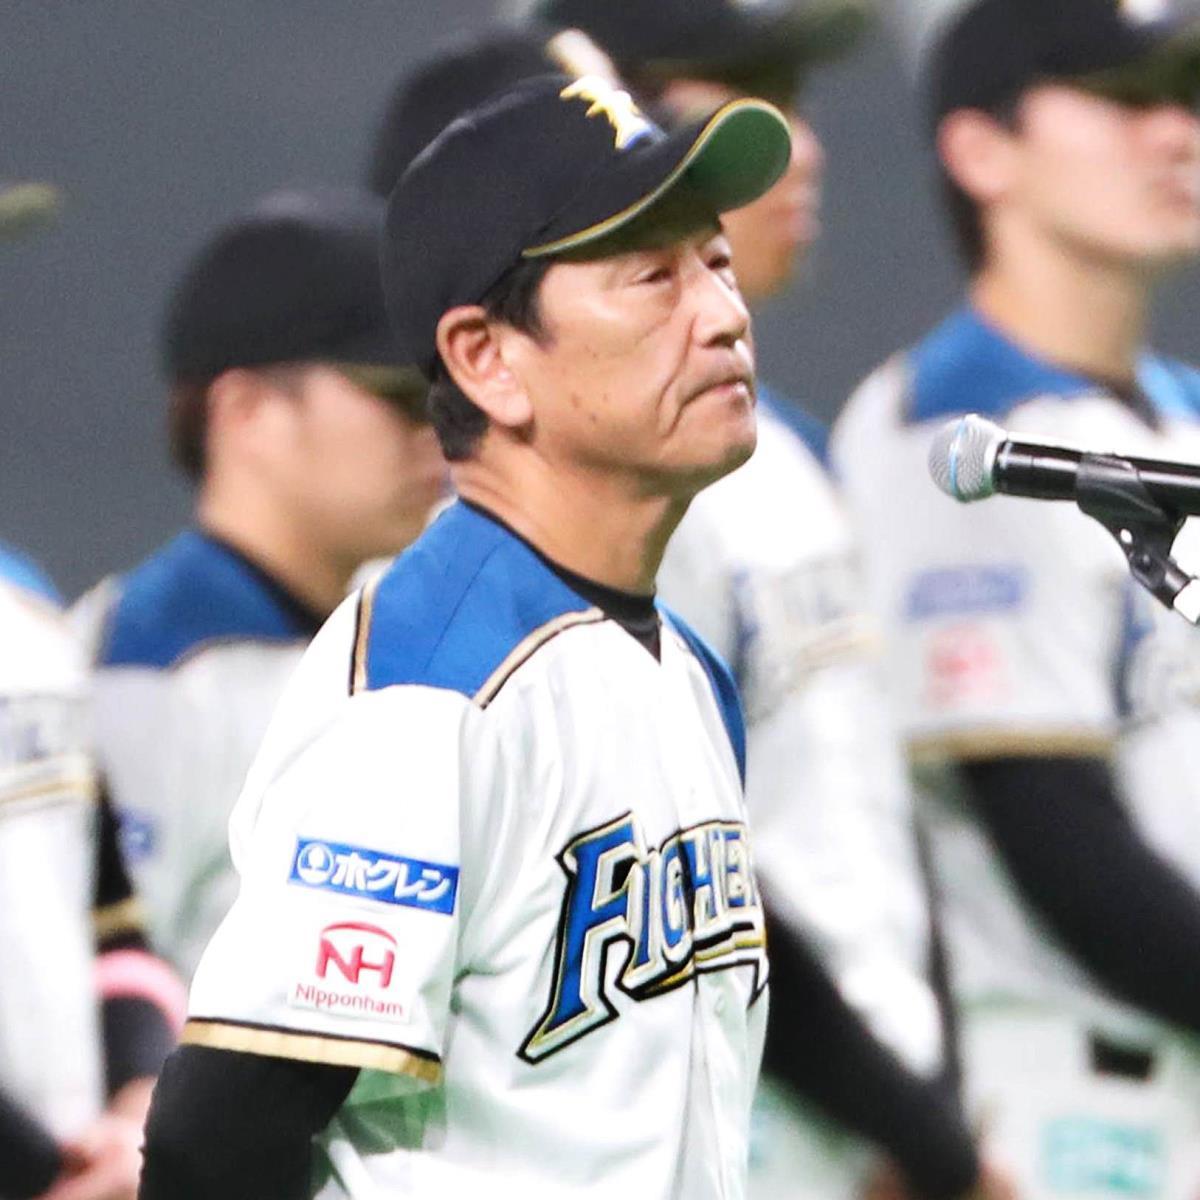 試合後、ファンに向けてあいさつする栗山英樹監督(カメラ・関口 俊明)